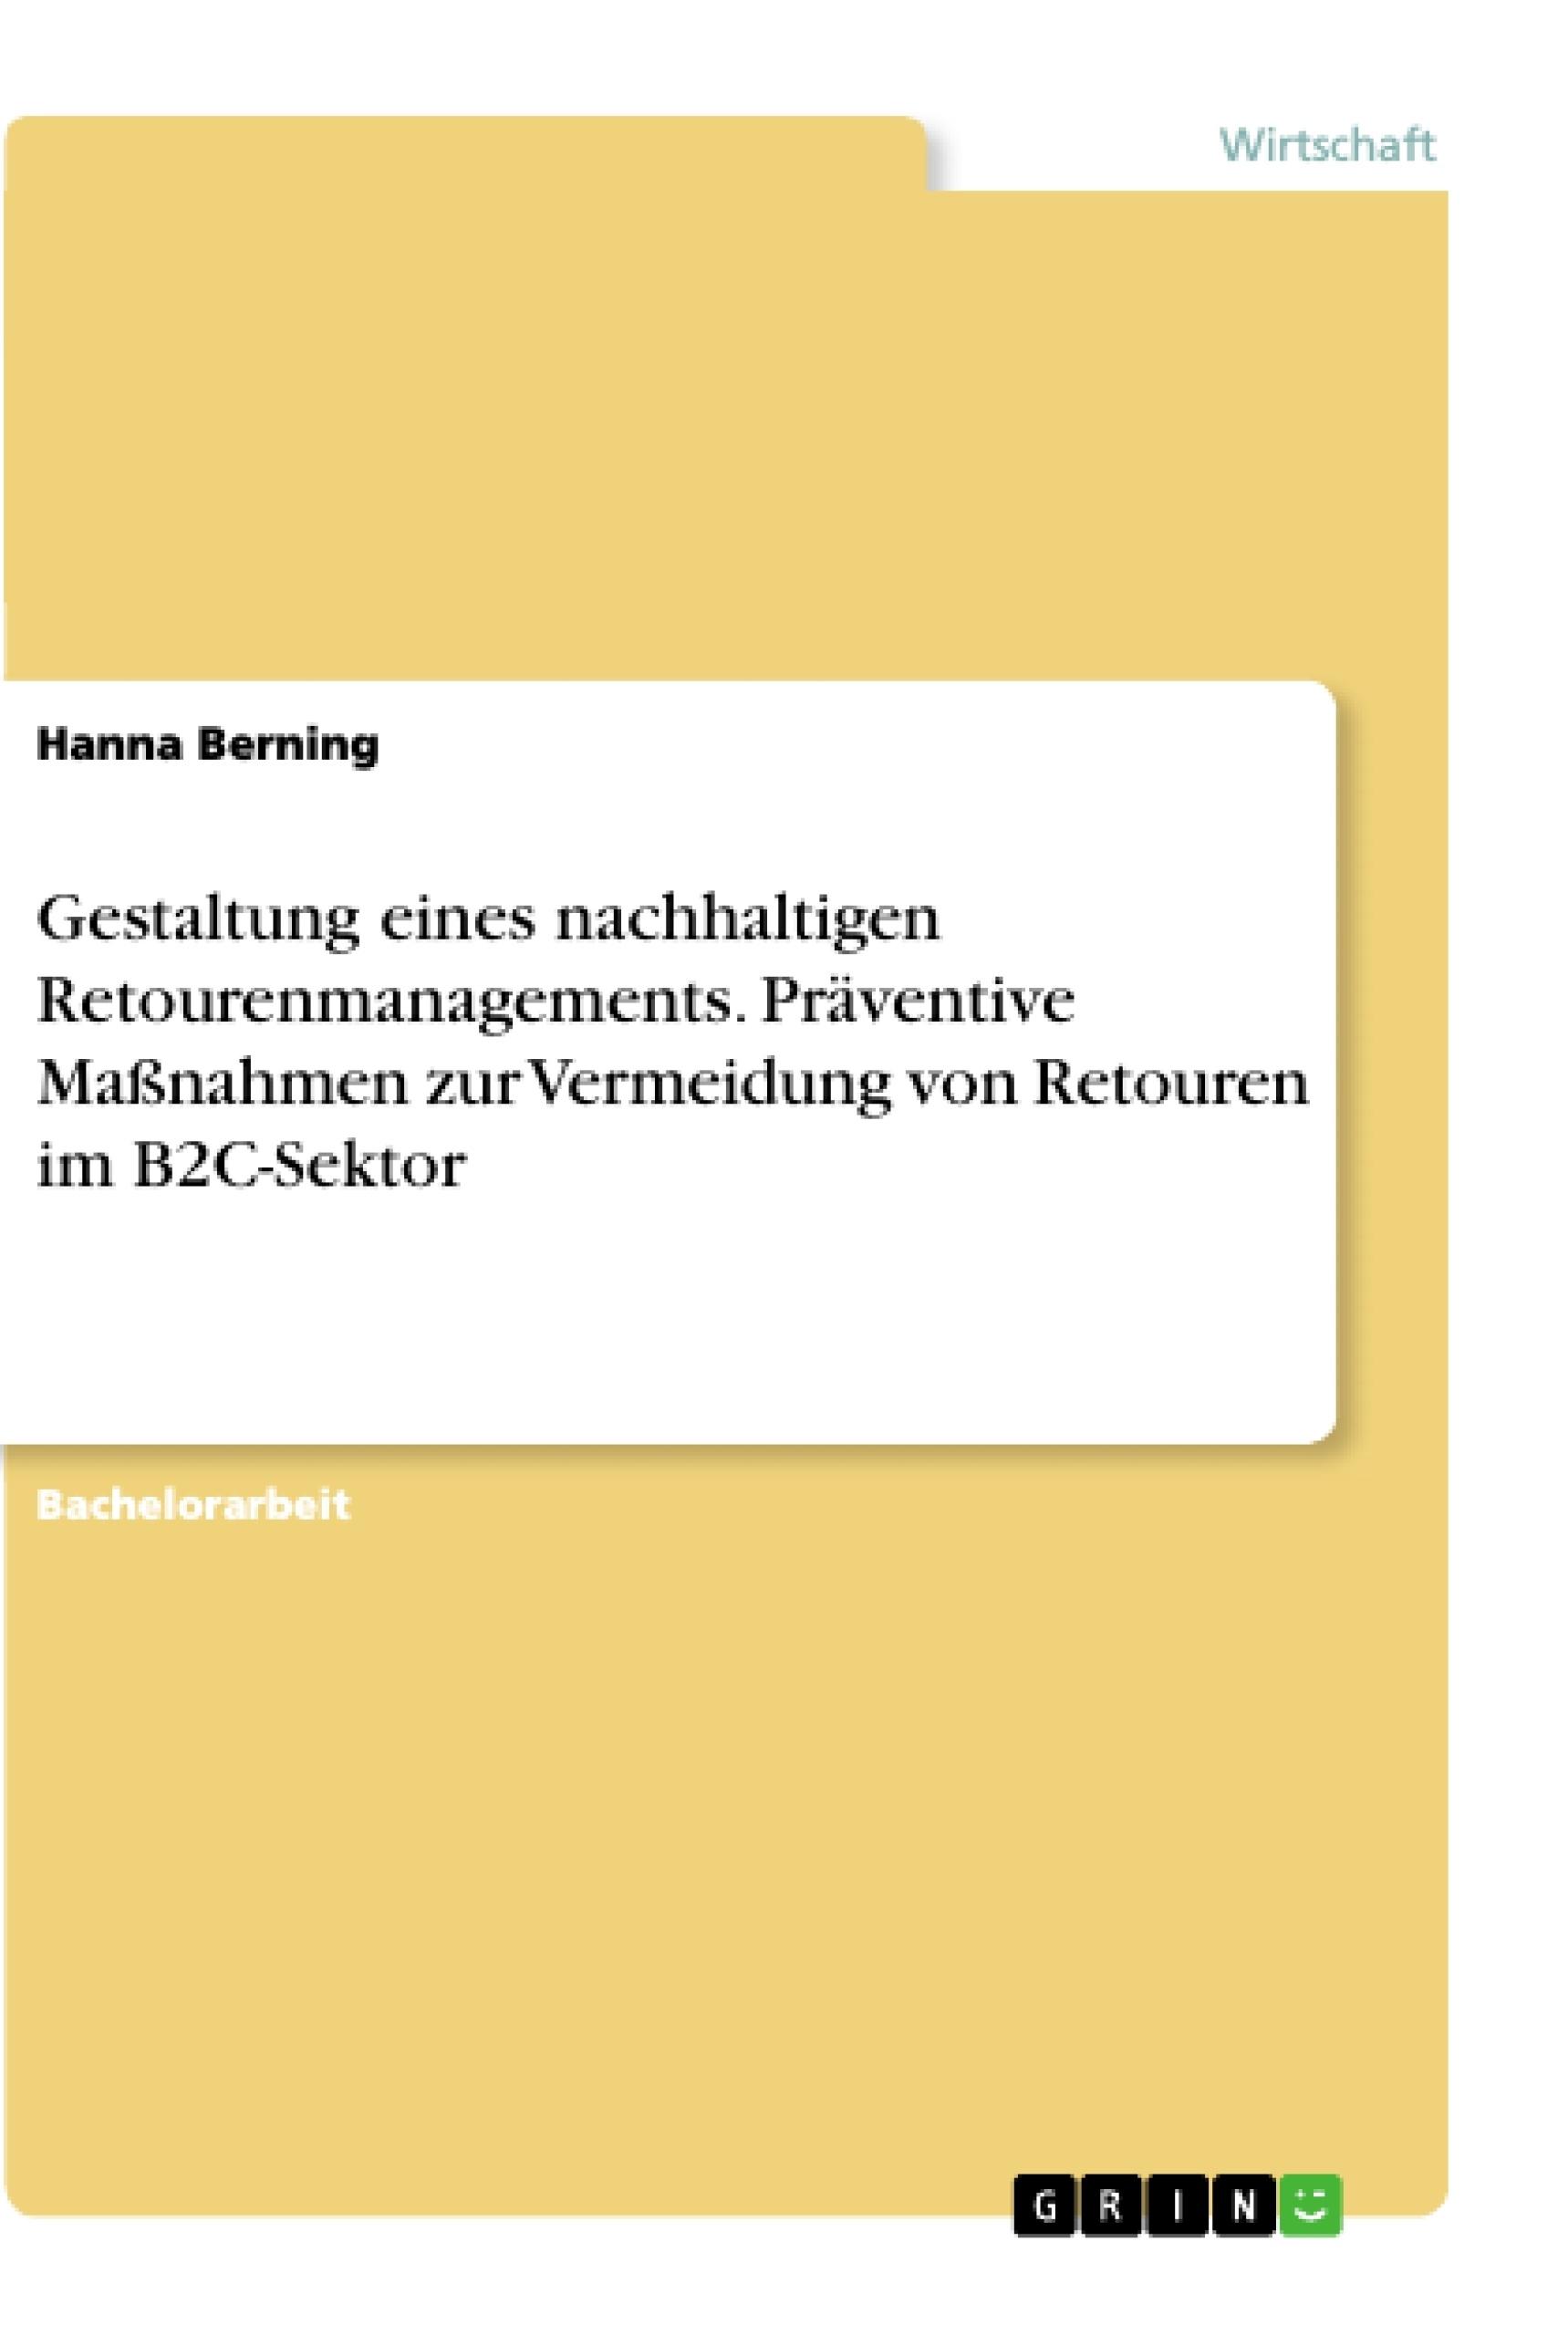 Titel: Gestaltung eines nachhaltigen Retourenmanagements. Präventive Maßnahmen zur Vermeidung von Retouren im B2C-Sektor